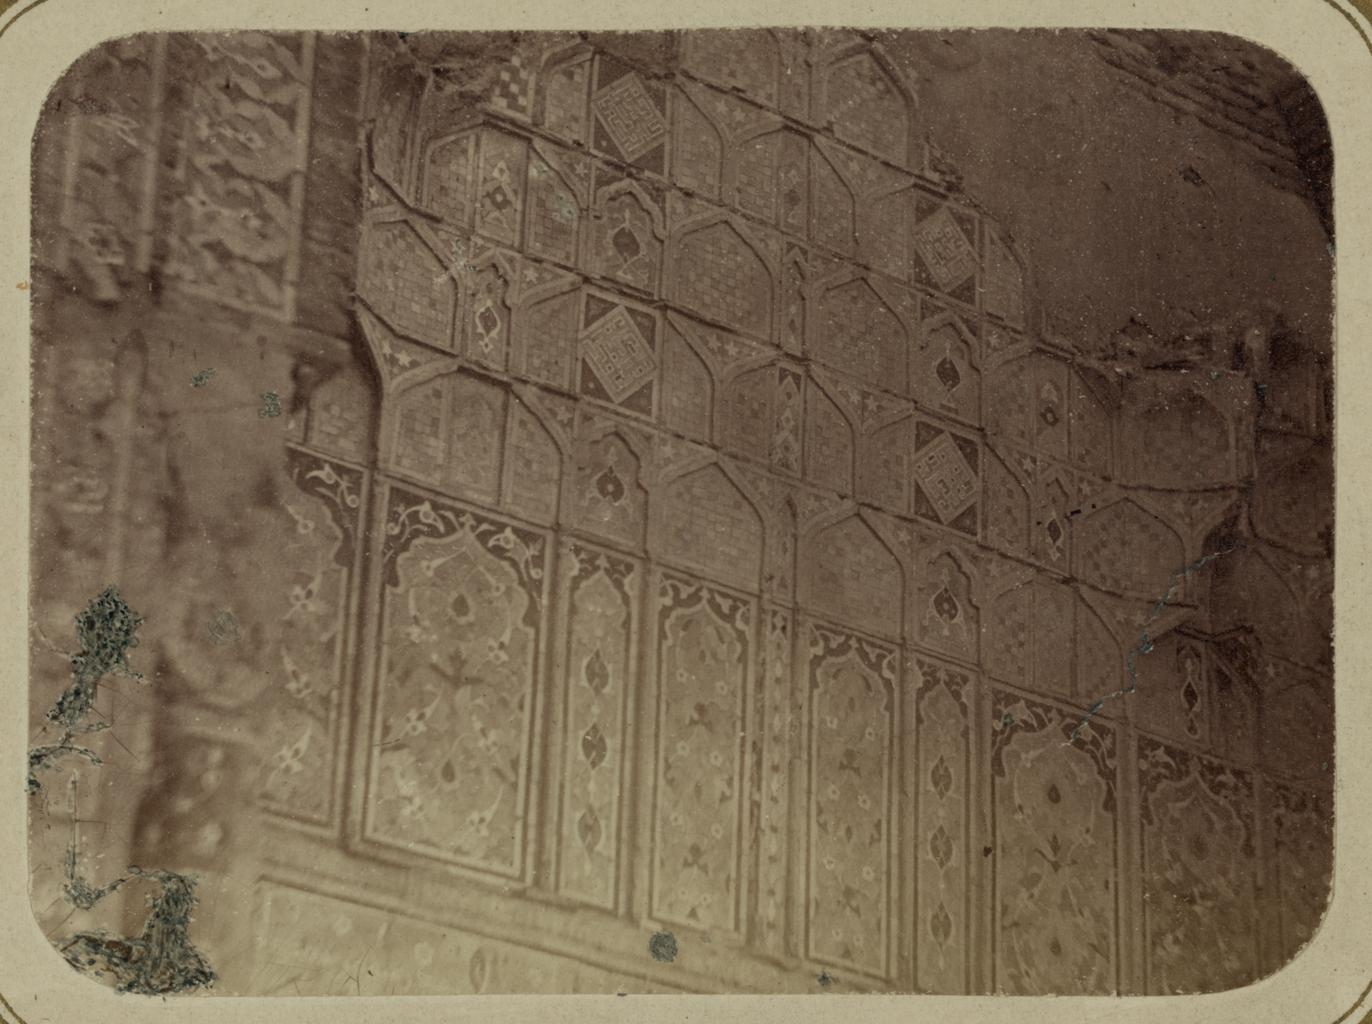 Мавзолей эмира Тимура Курагана (Гур-Эмир). Украшения в главной входной нише